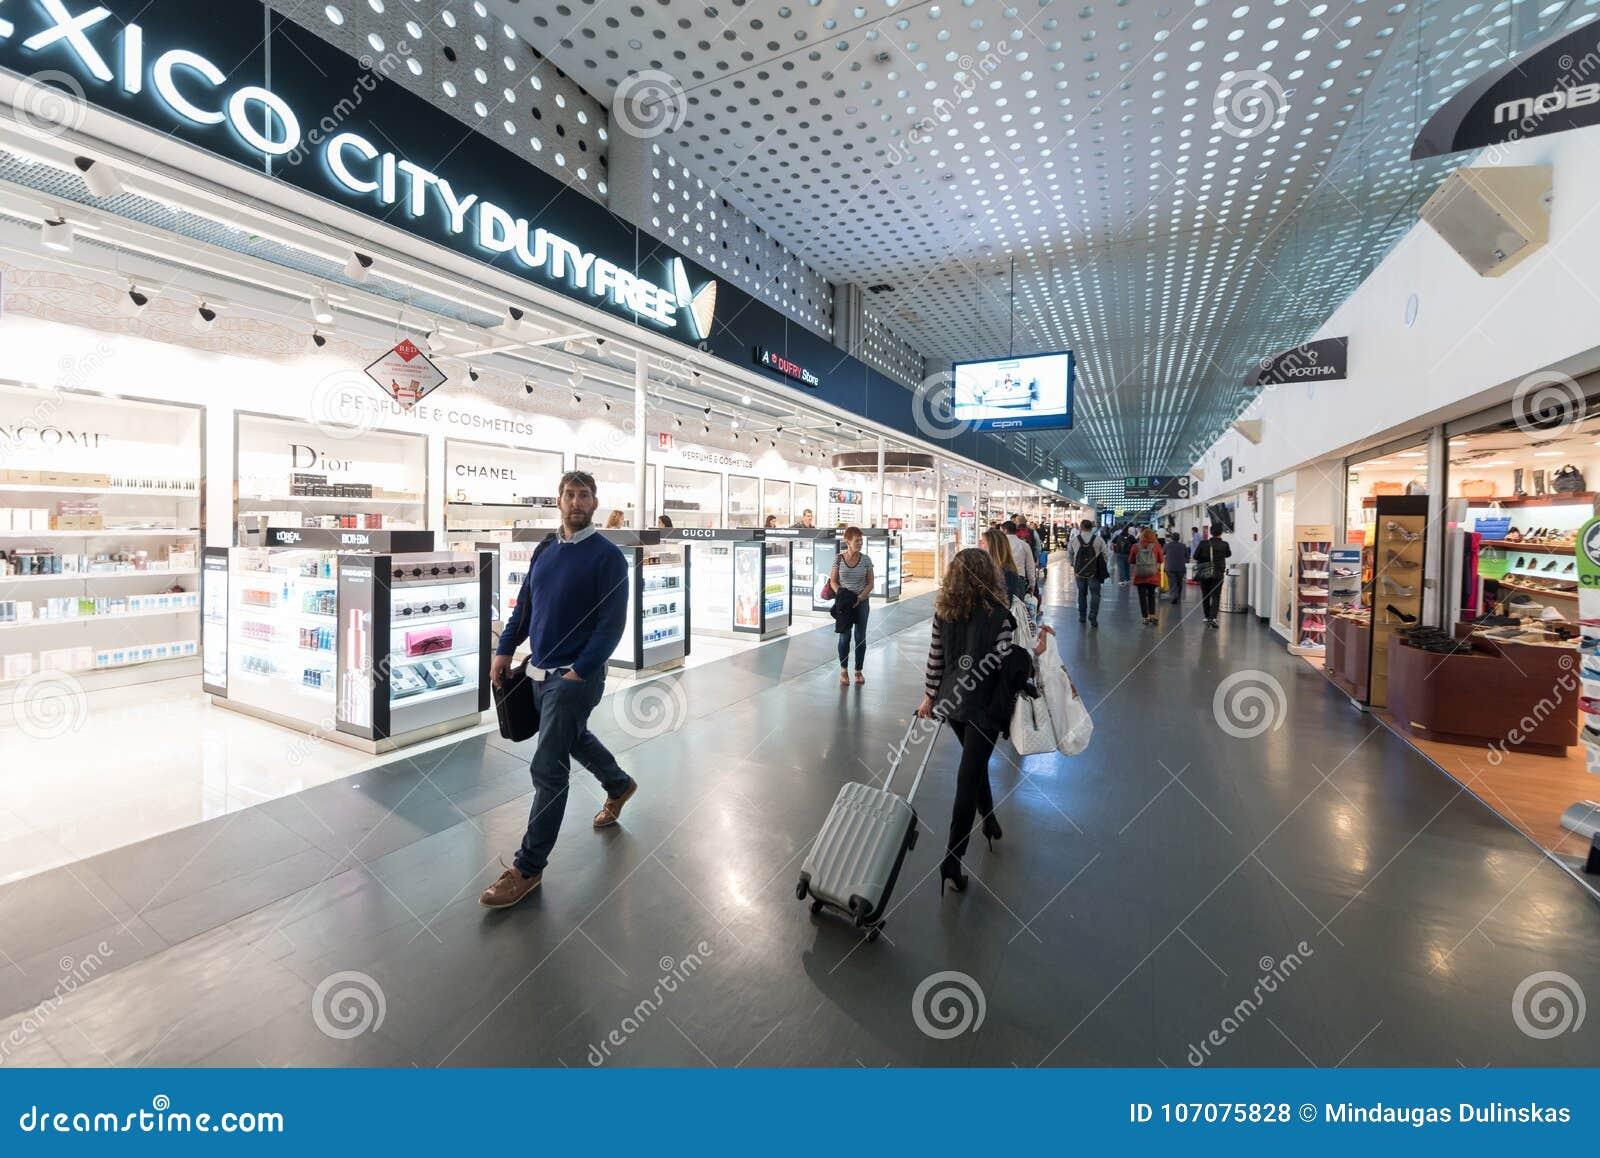 LE MEXIQUE - 19 OCTOBRE 2017 : Aéroport international de Mexico Benito Juarez Airport Région de départ Boutiques hors taxe